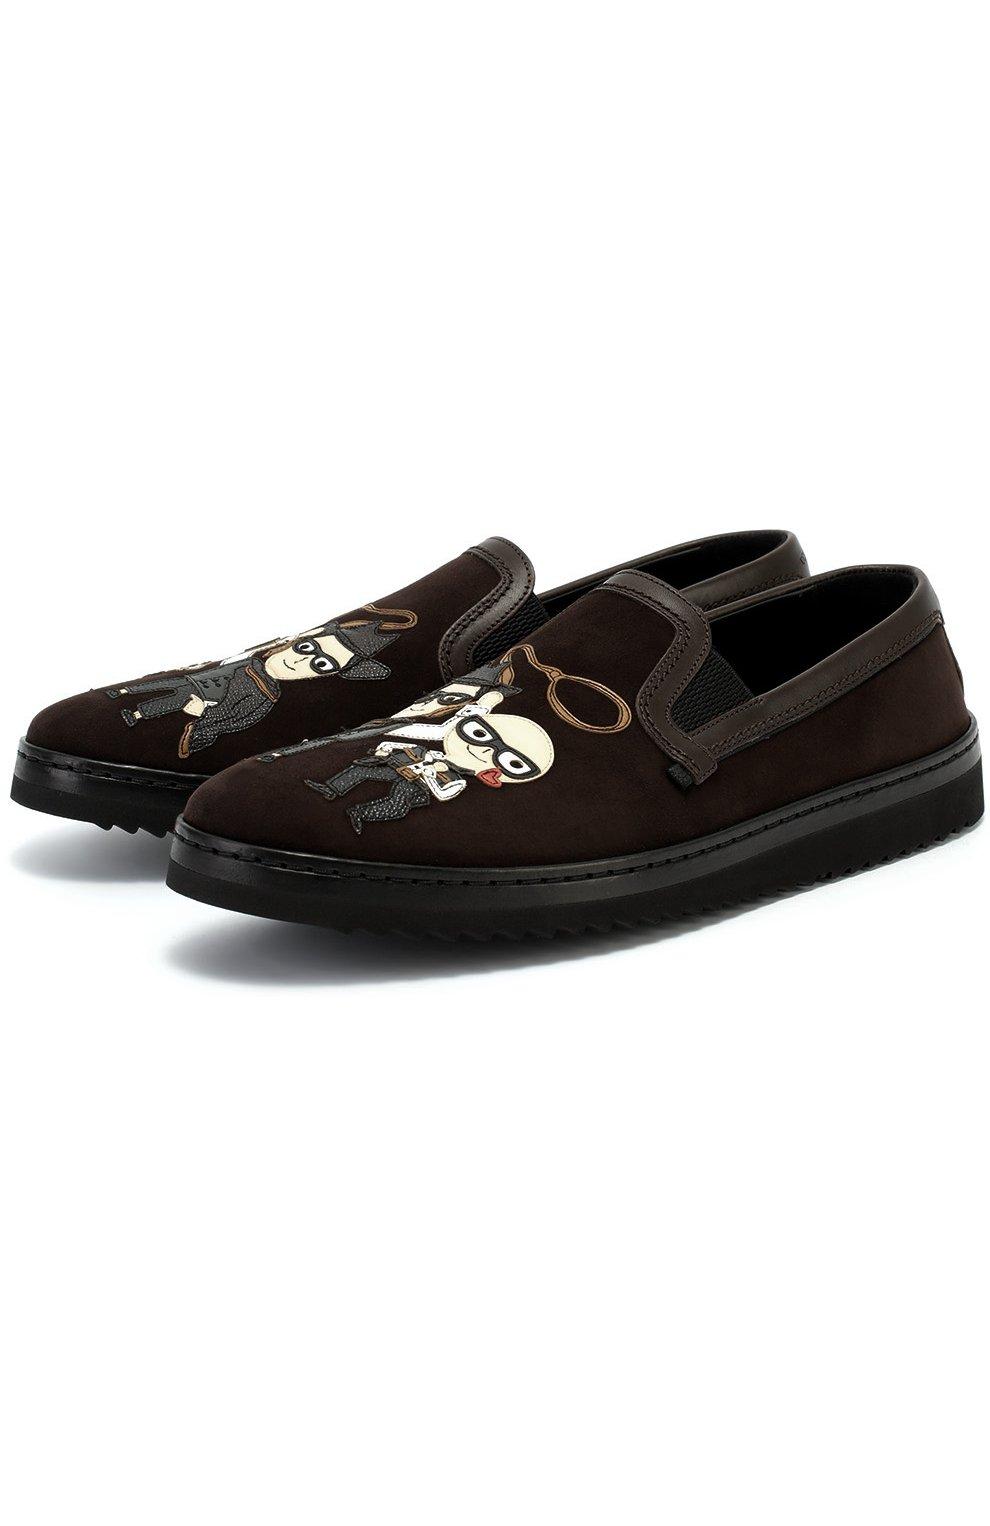 Замшевые лоферы Mondello с аппликациями Dolce & Gabbana коричневые | Фото №4